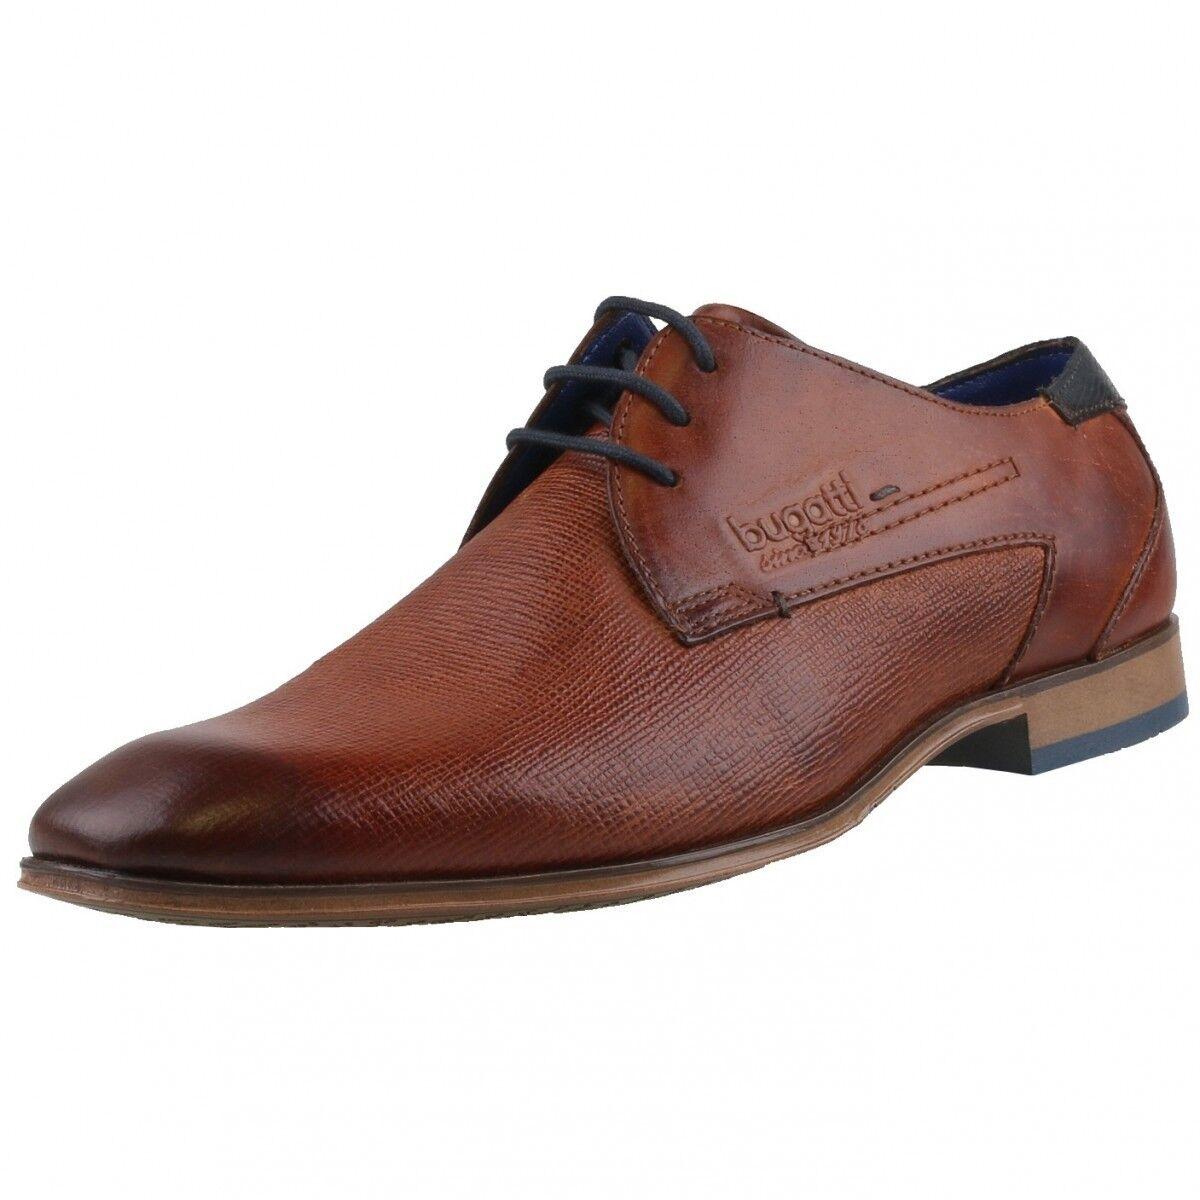 Nuevo Bugatti zapatos caballero Business-Zapatos Cuero zapatos schnürschuhe zapato bajo